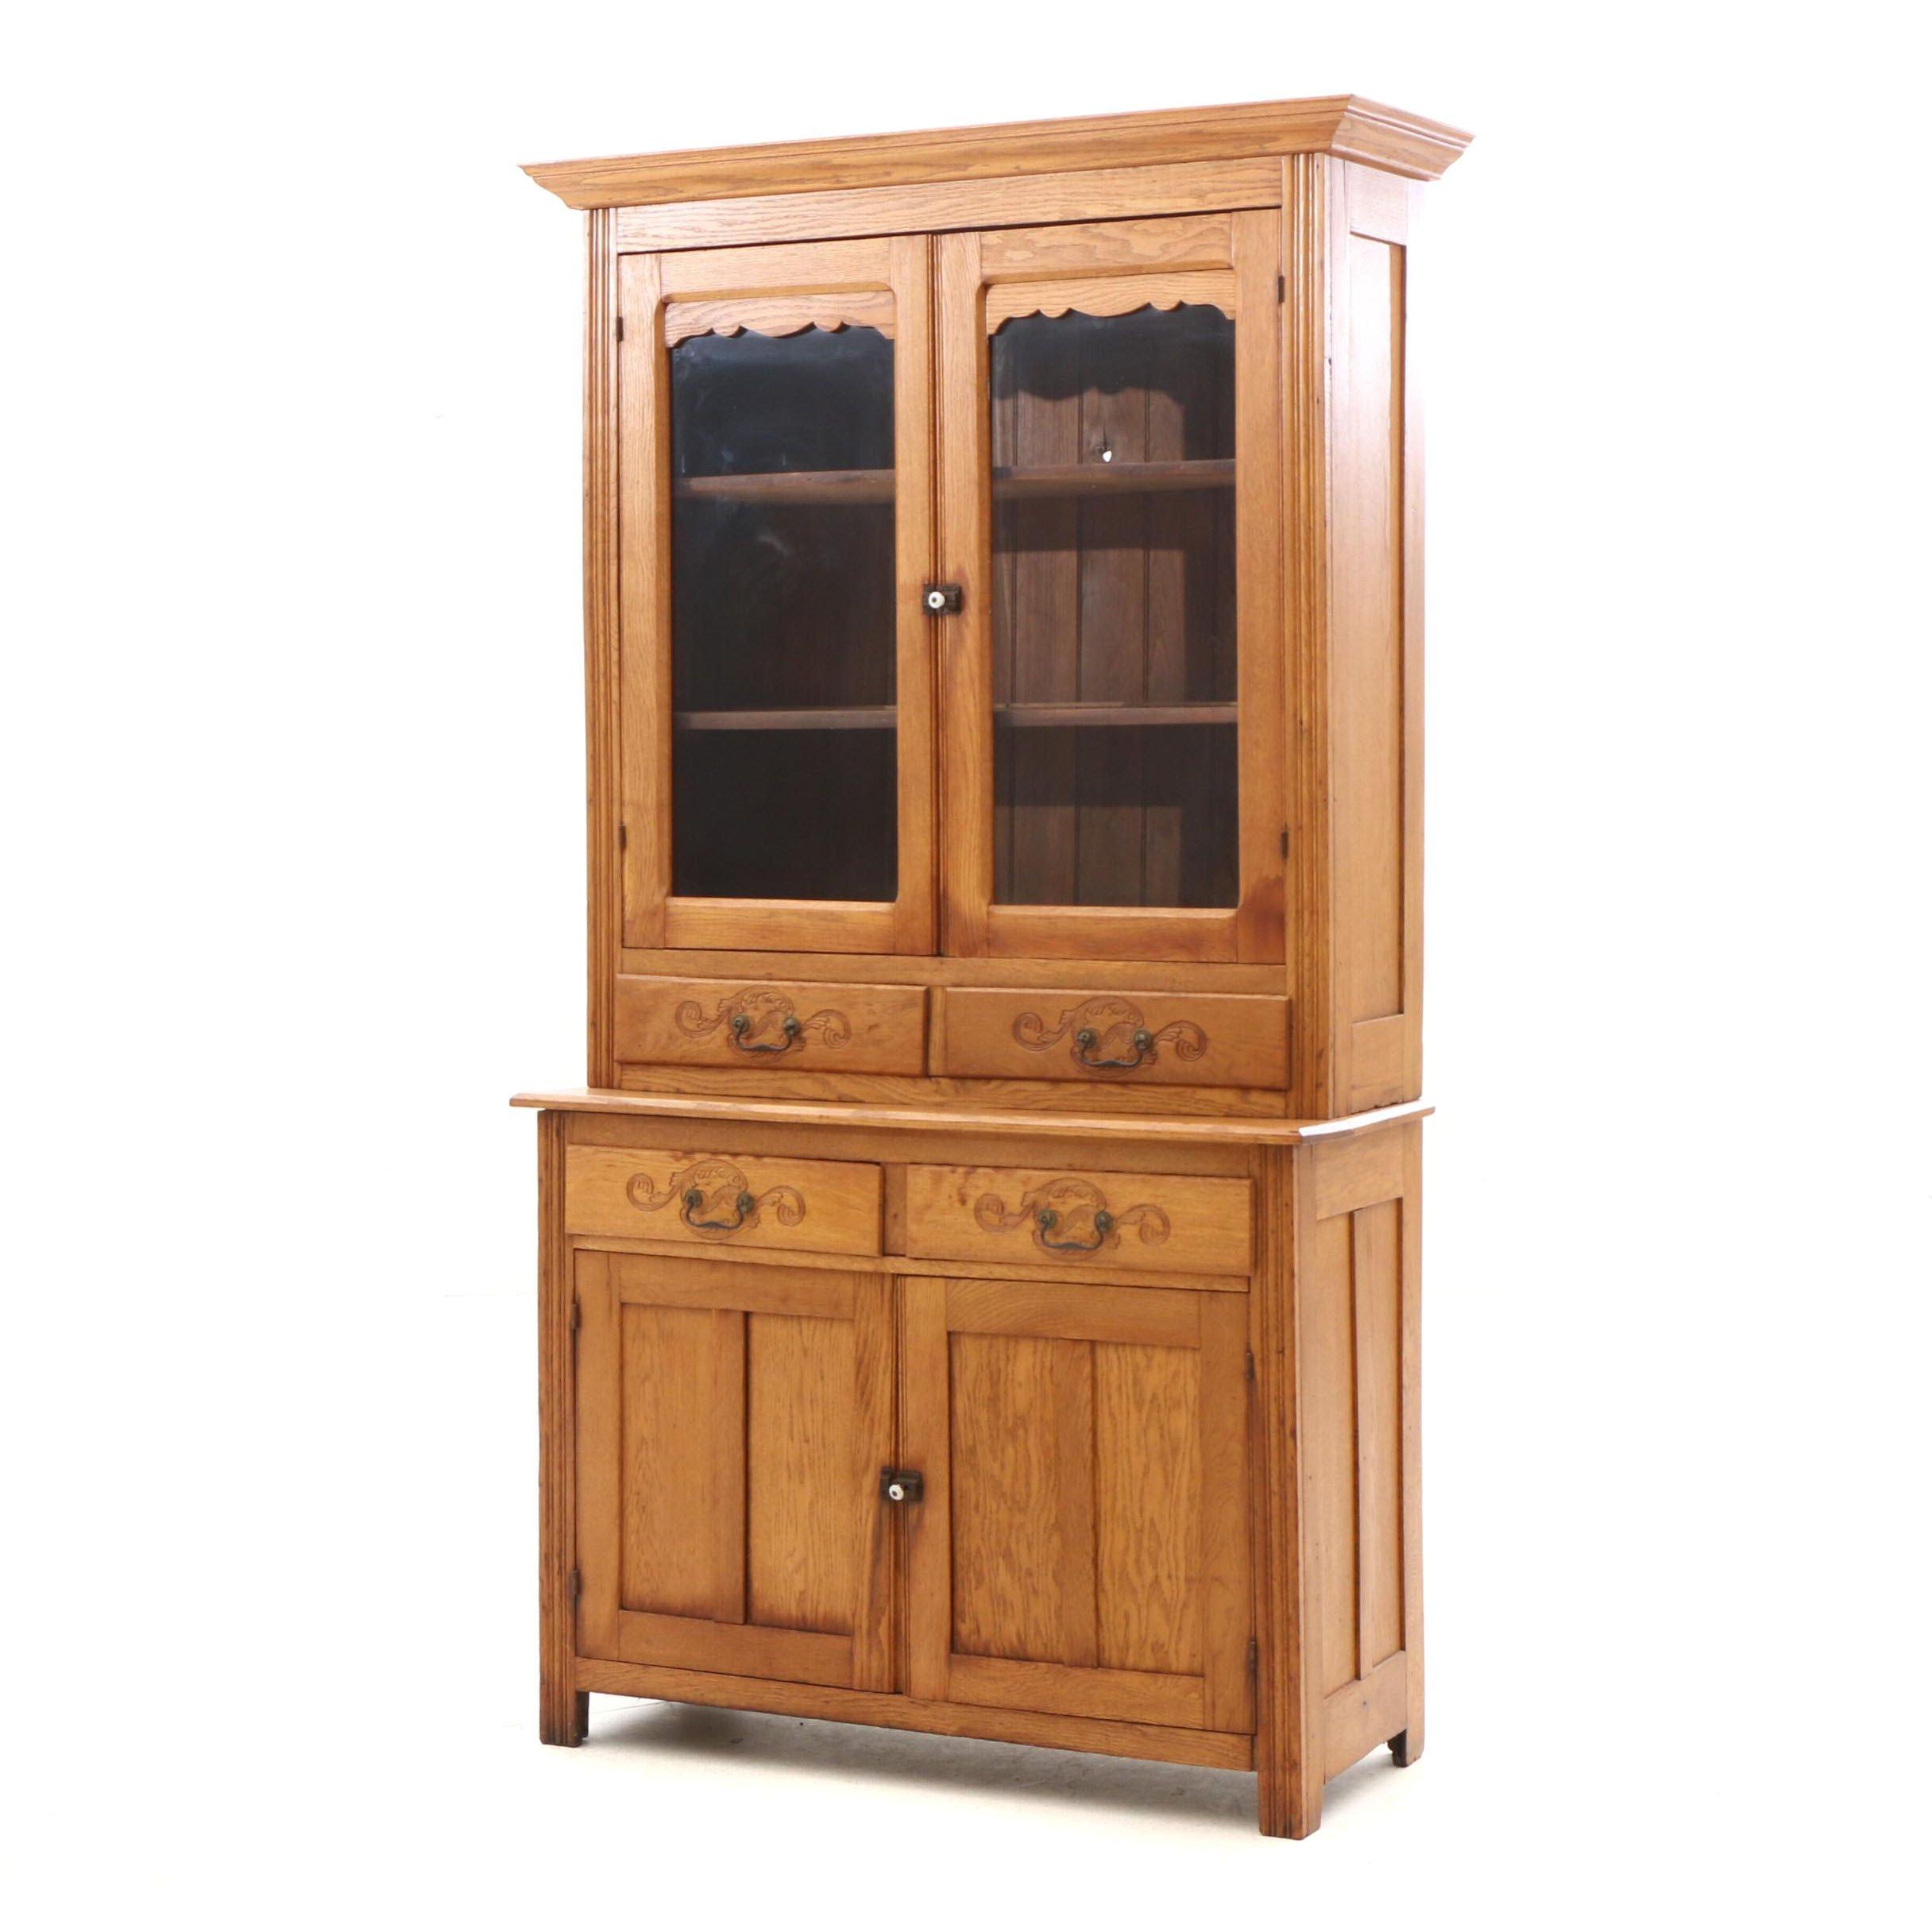 Two-Piece Oak Cabinet